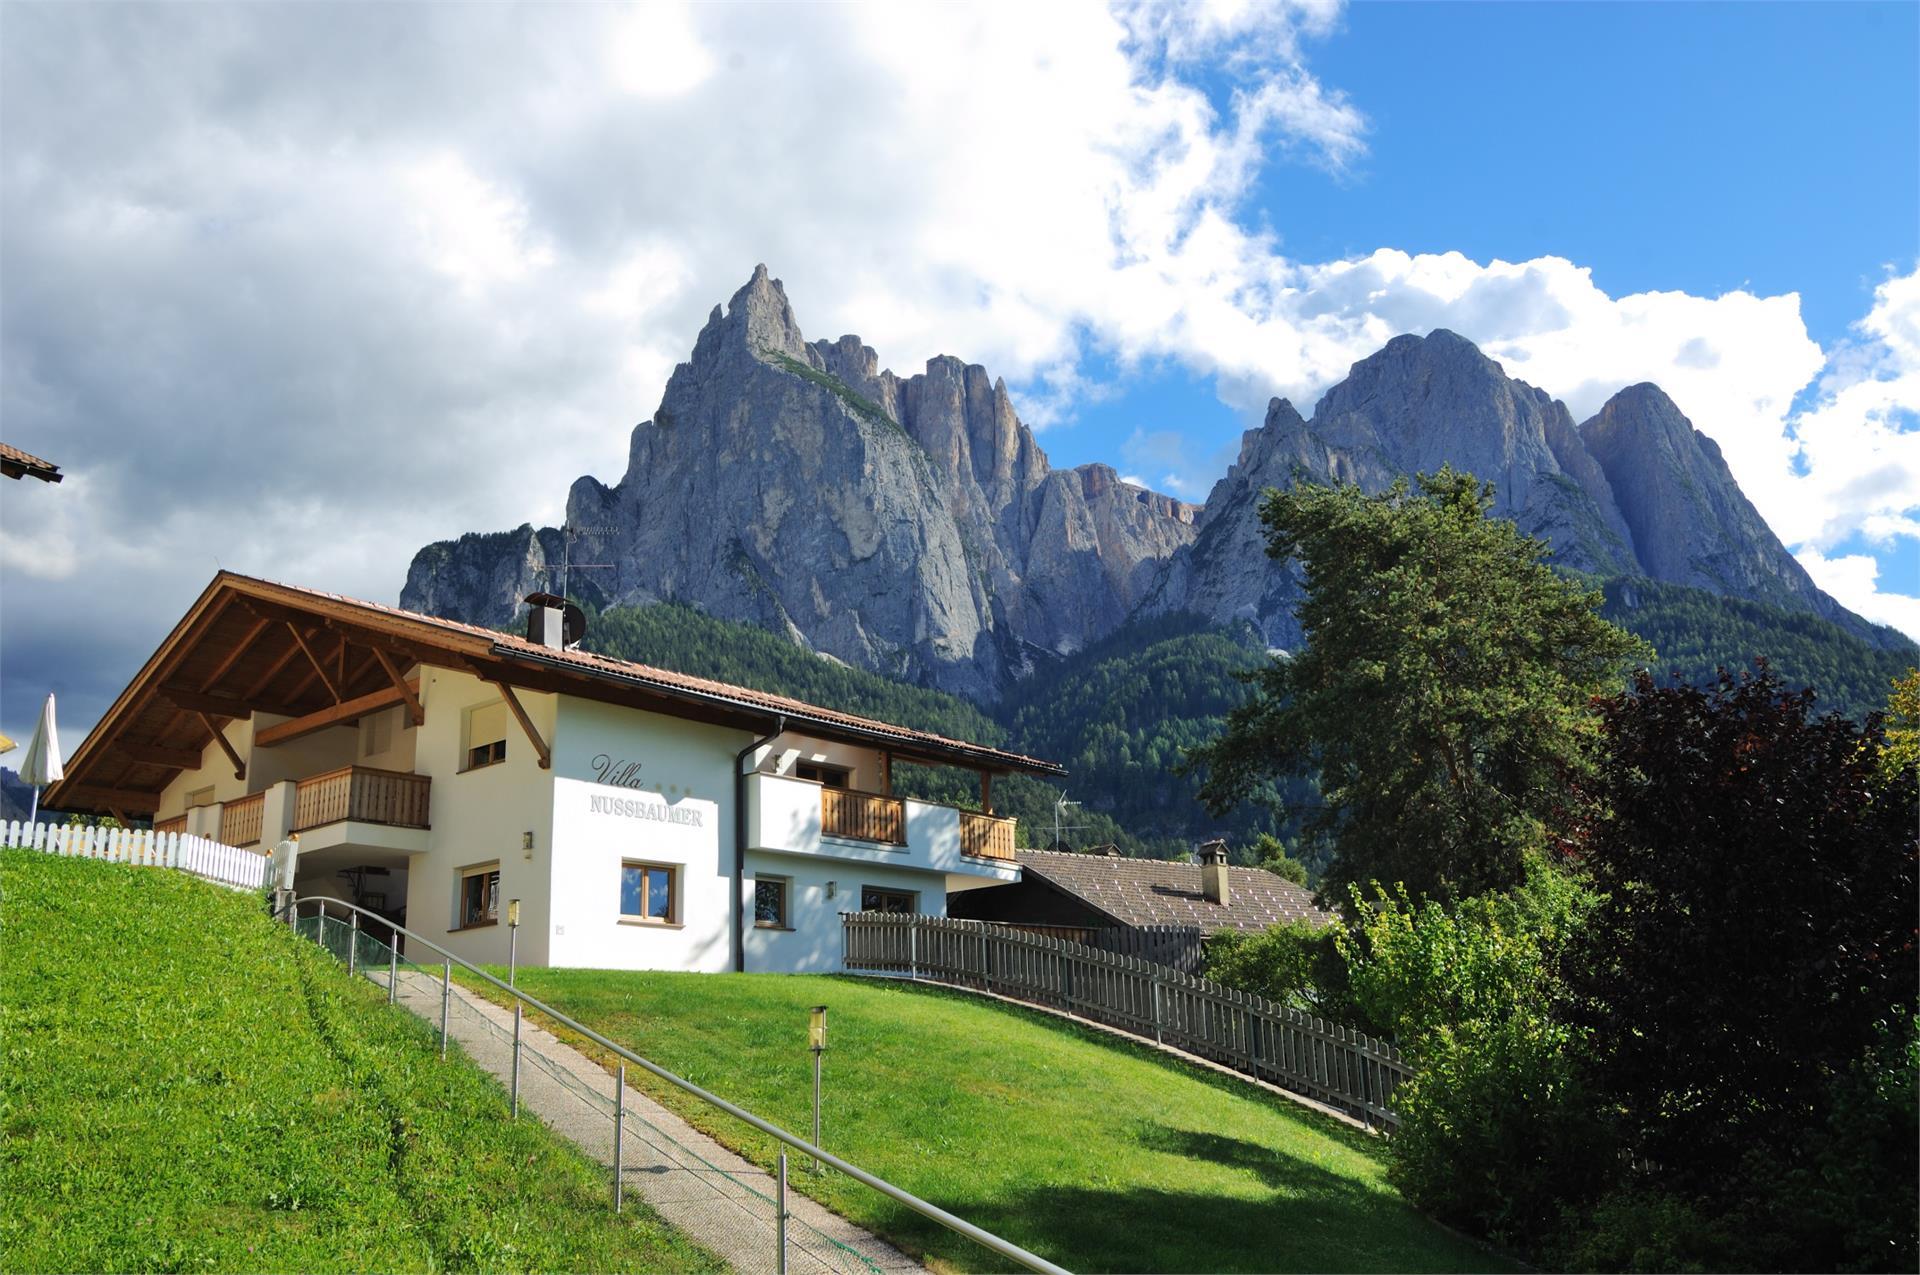 Villa Nussbaumer